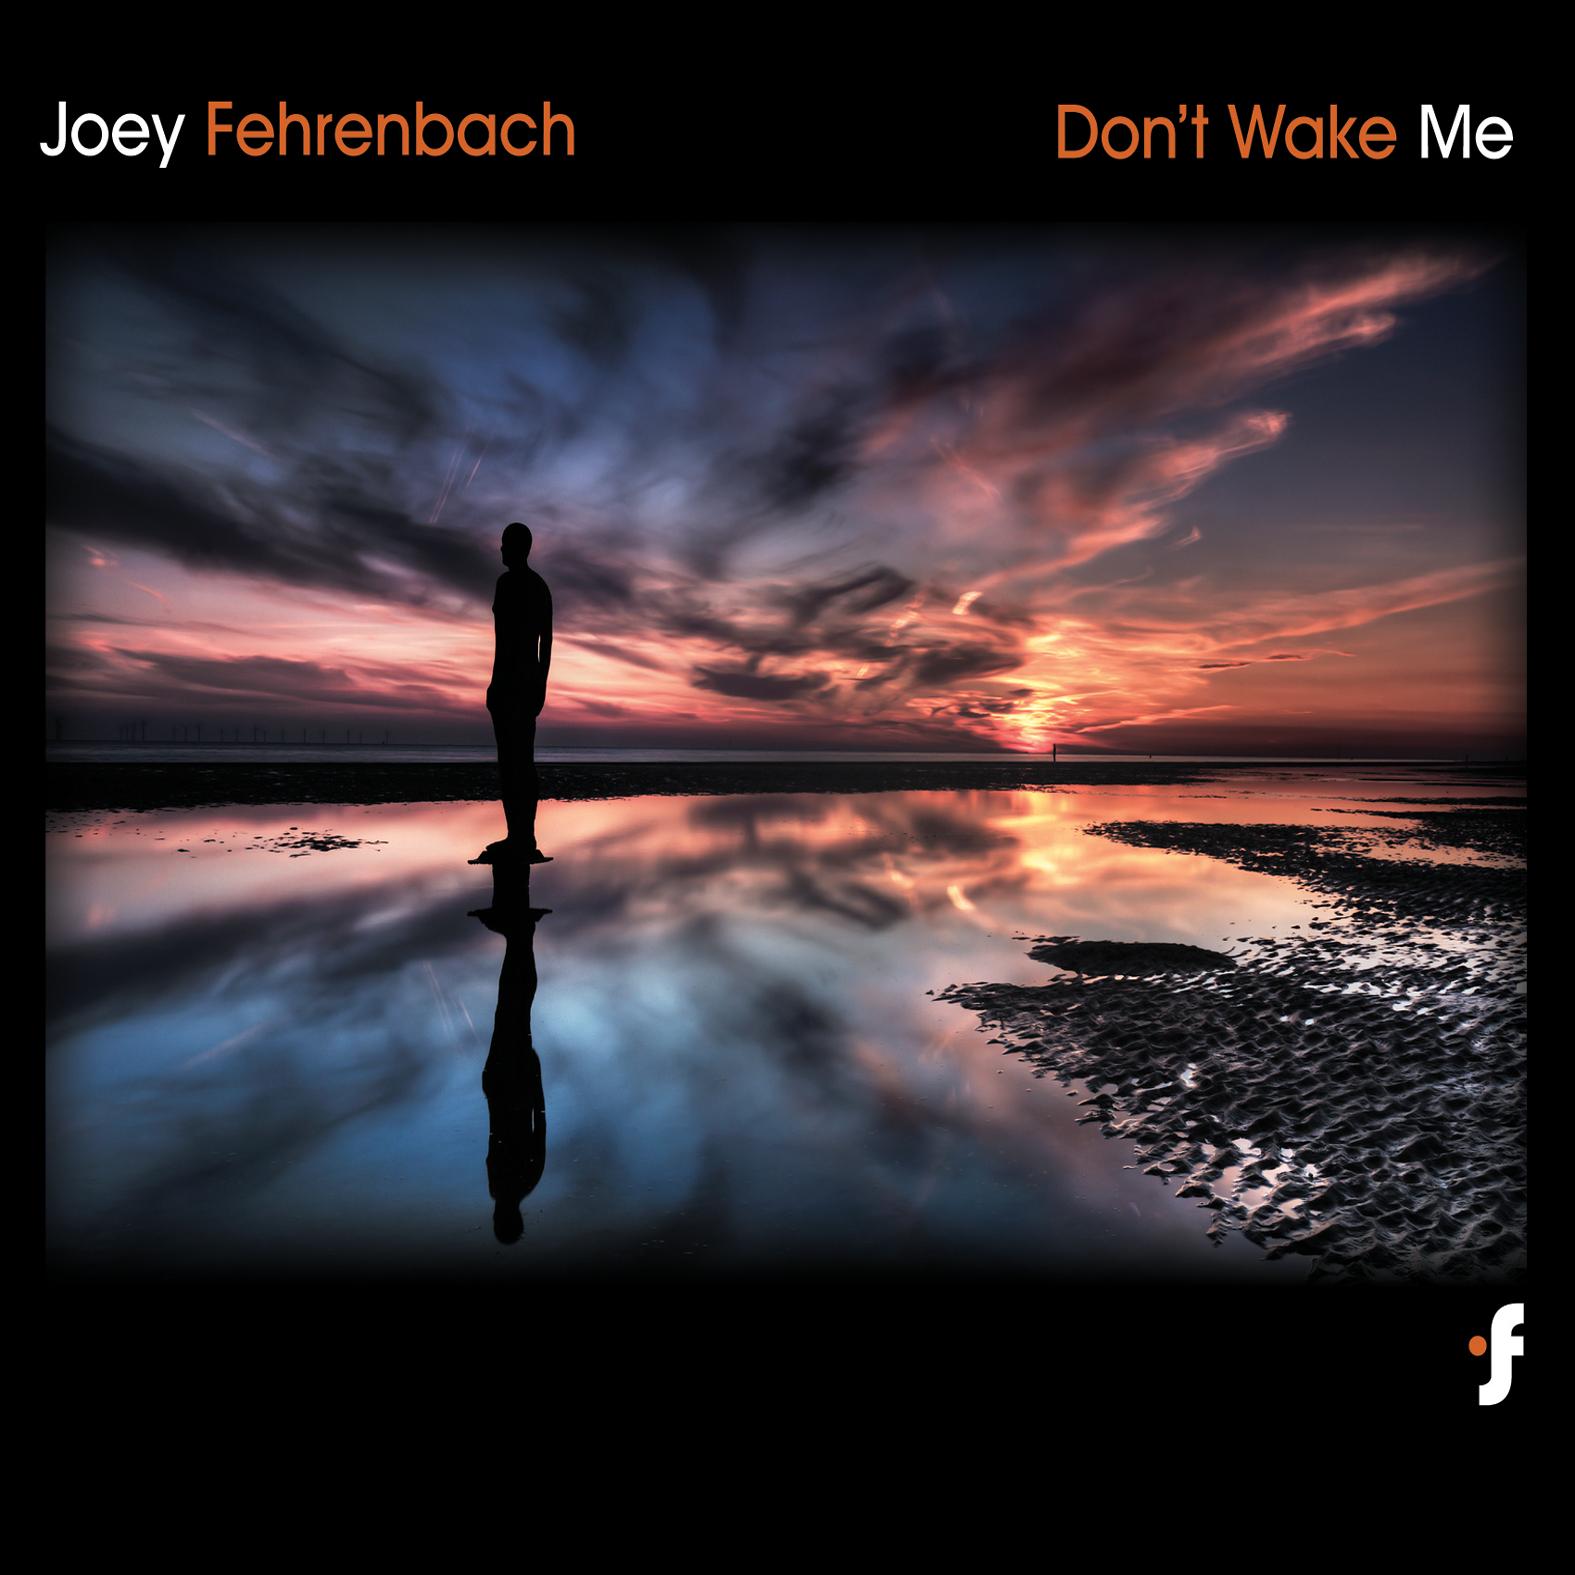 Joey Fehrenbach - Mellowdrama